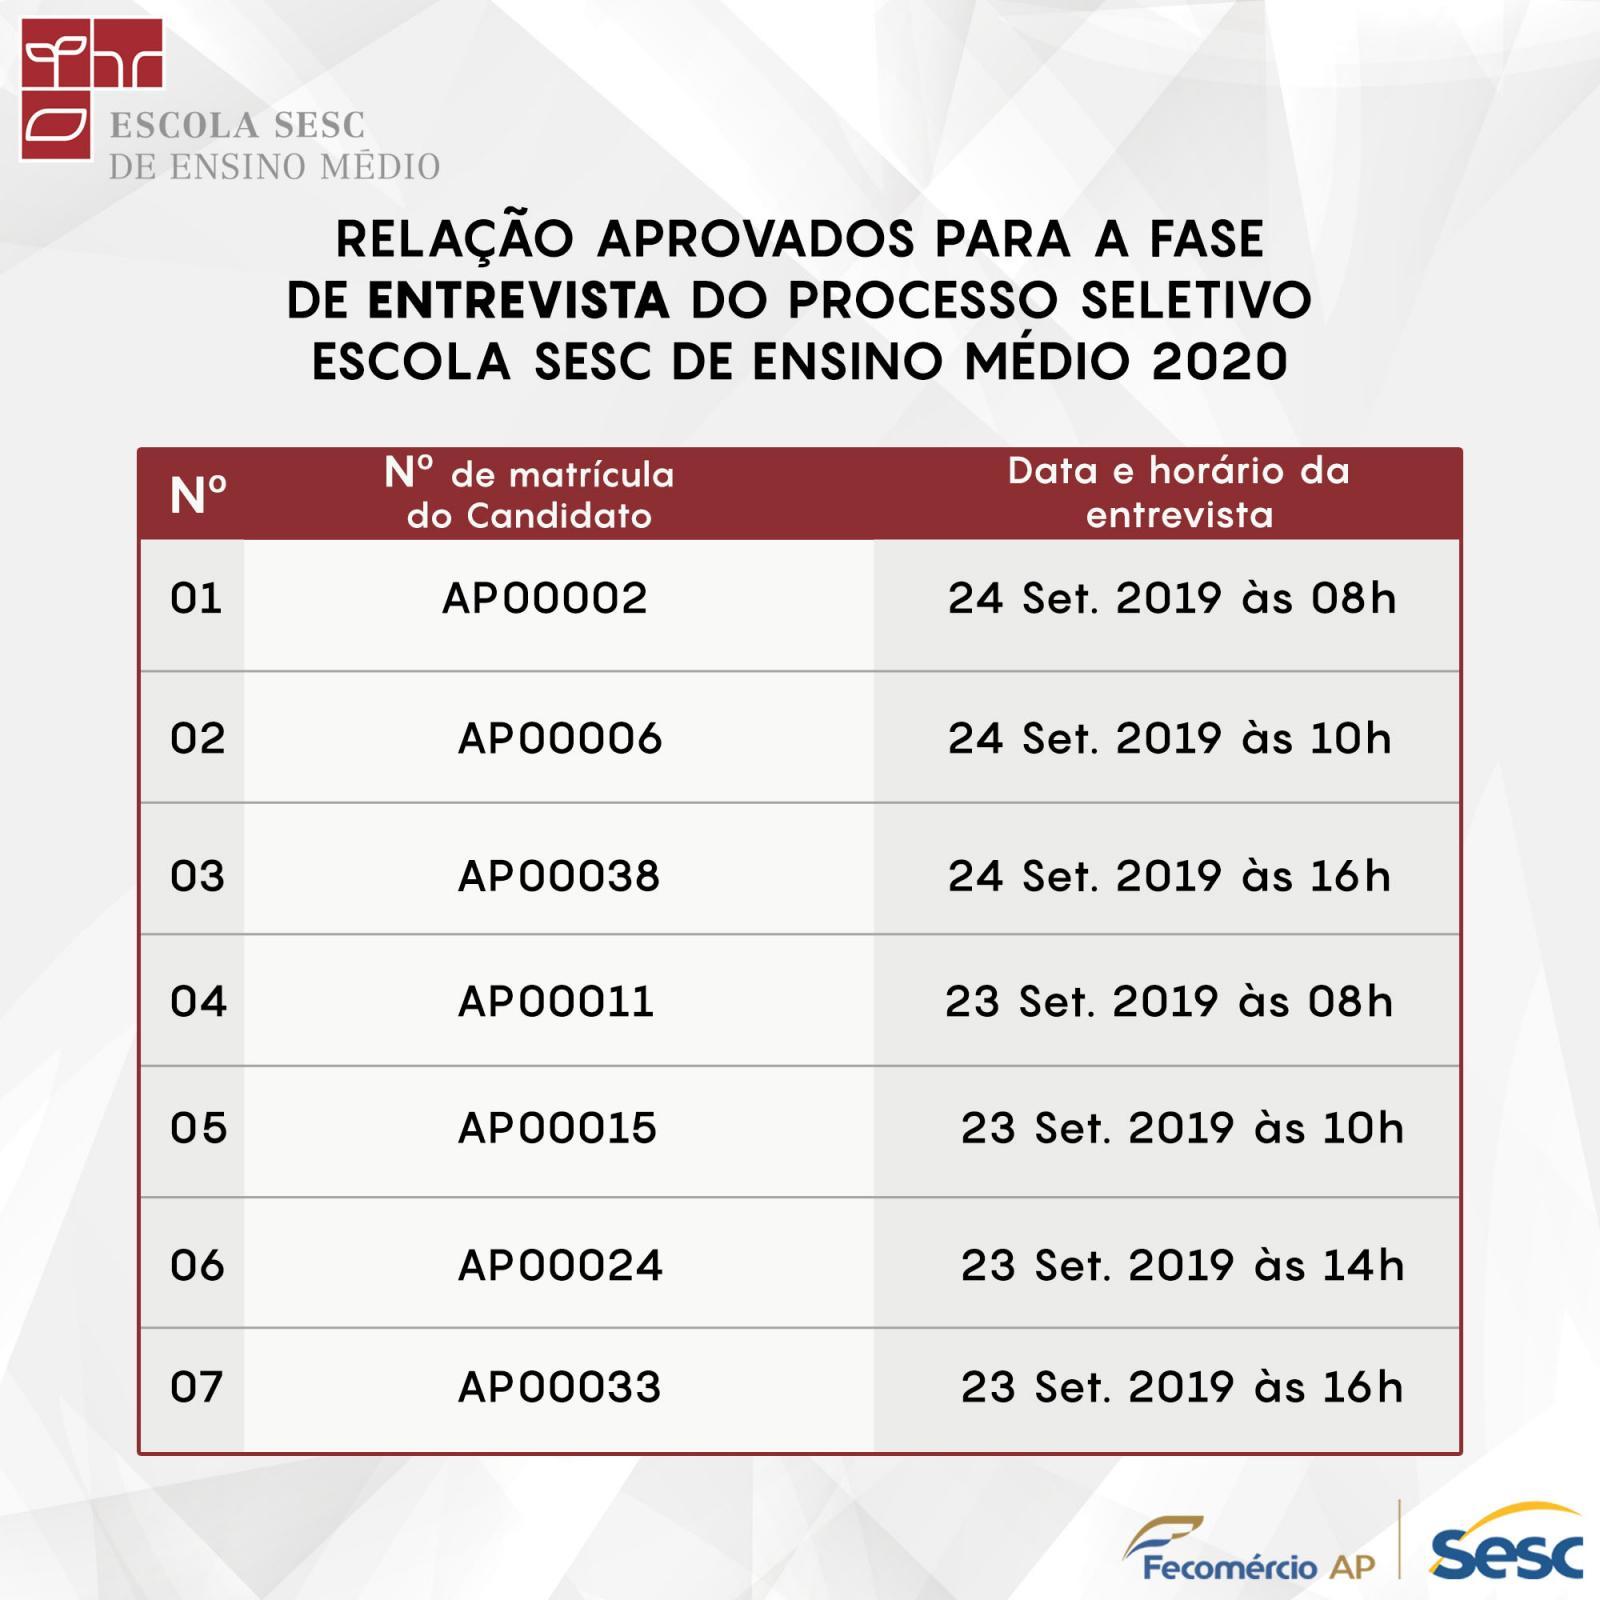 RELAÇÃO APROVADOS PARA A FASE DE ENTREVISTA DO PROCESSO SELETIVO ESEM - ESCOLA SESC DE ENSINO MÉDIO 2020